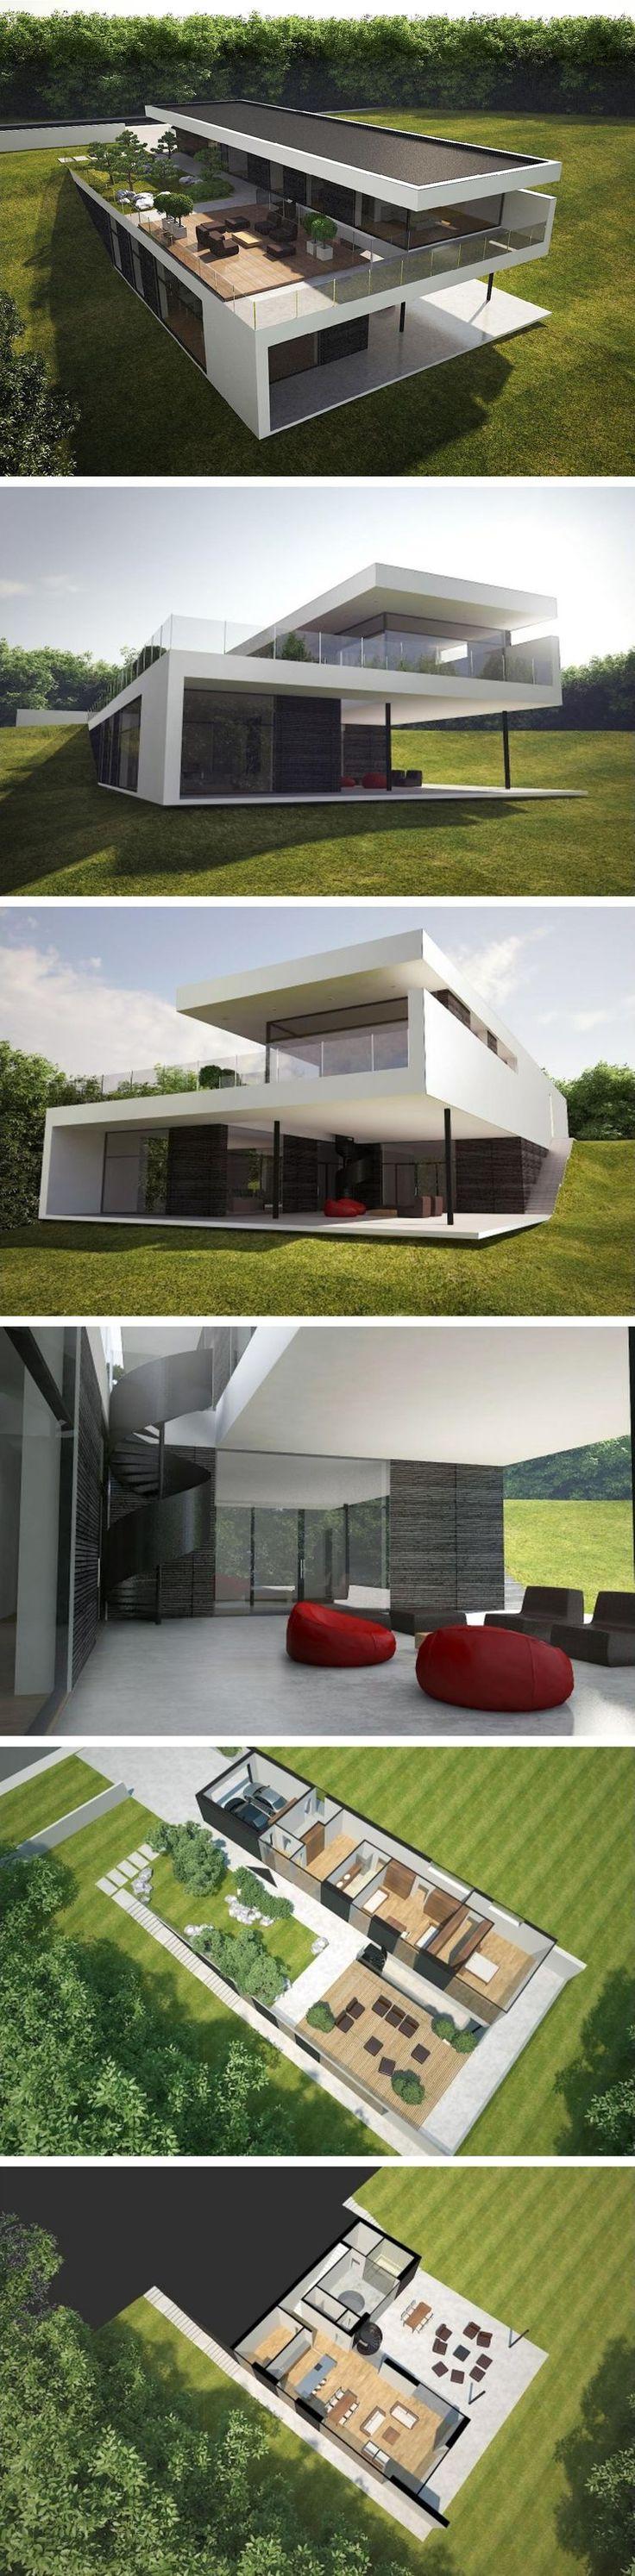 Très belle architecture moderne...